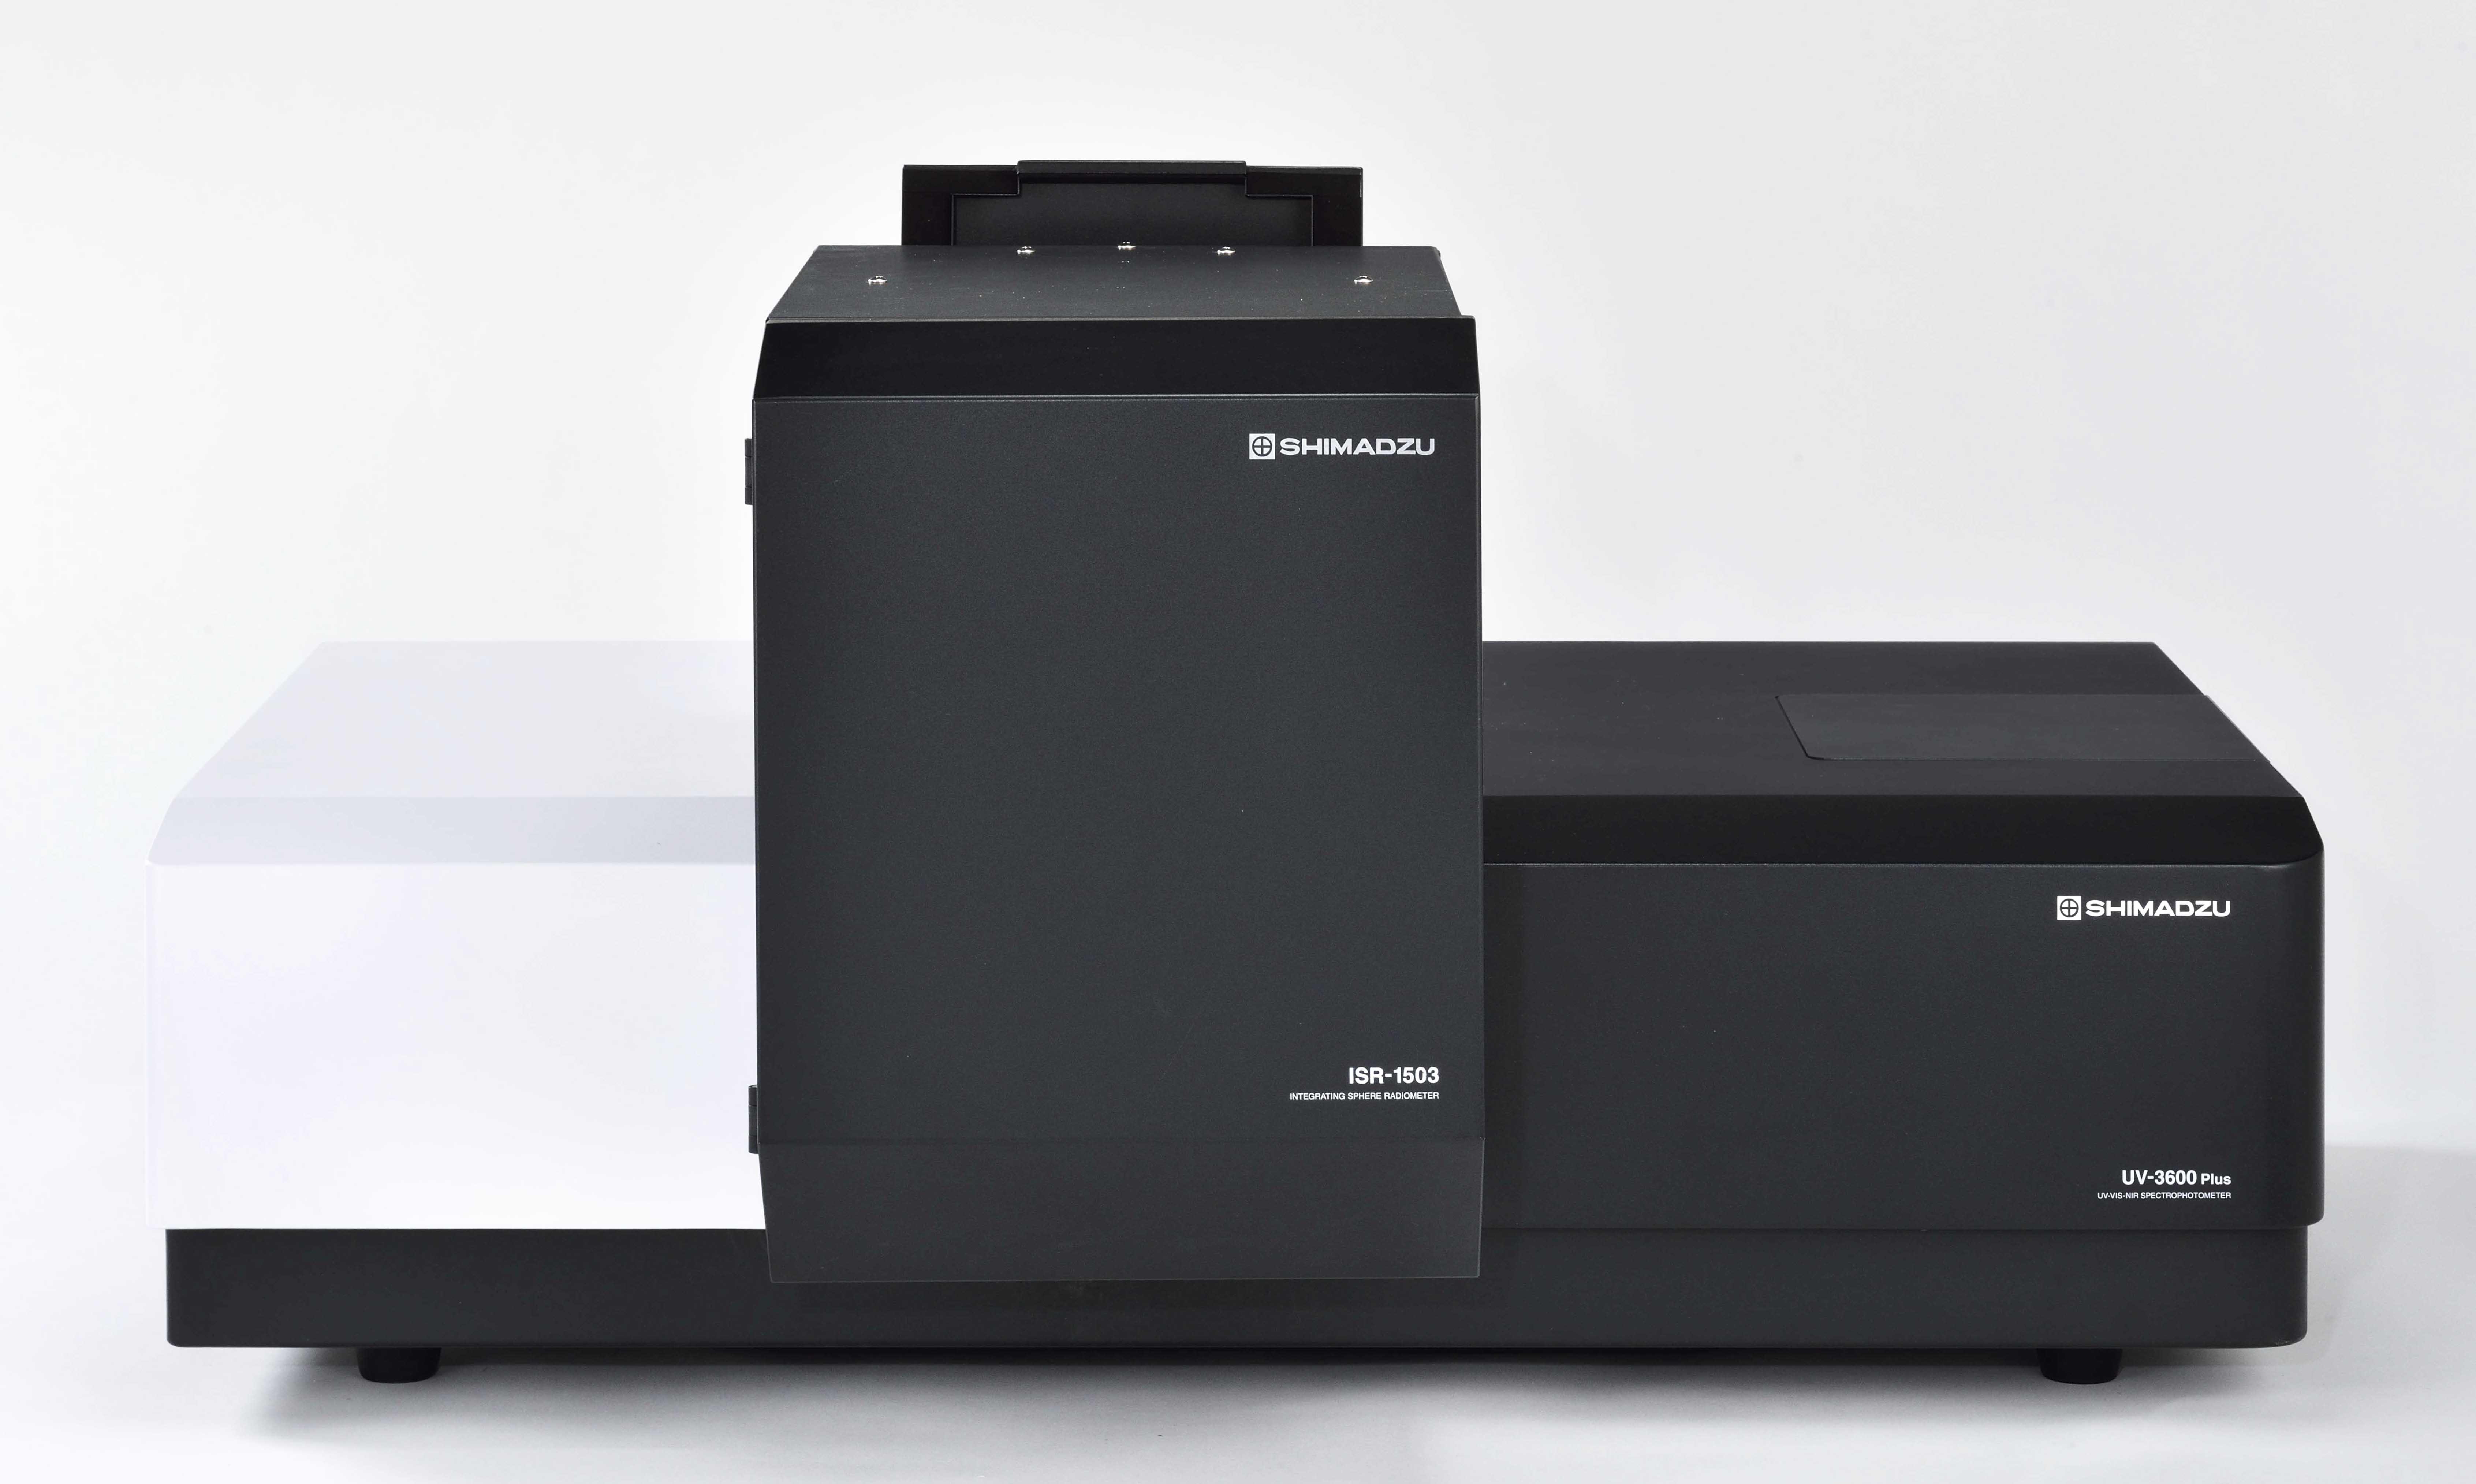 Shimadzu spectrophotometer clipart jpg free download UV-3600 Plus | SHIMADZU DEUTSCHLAND jpg free download